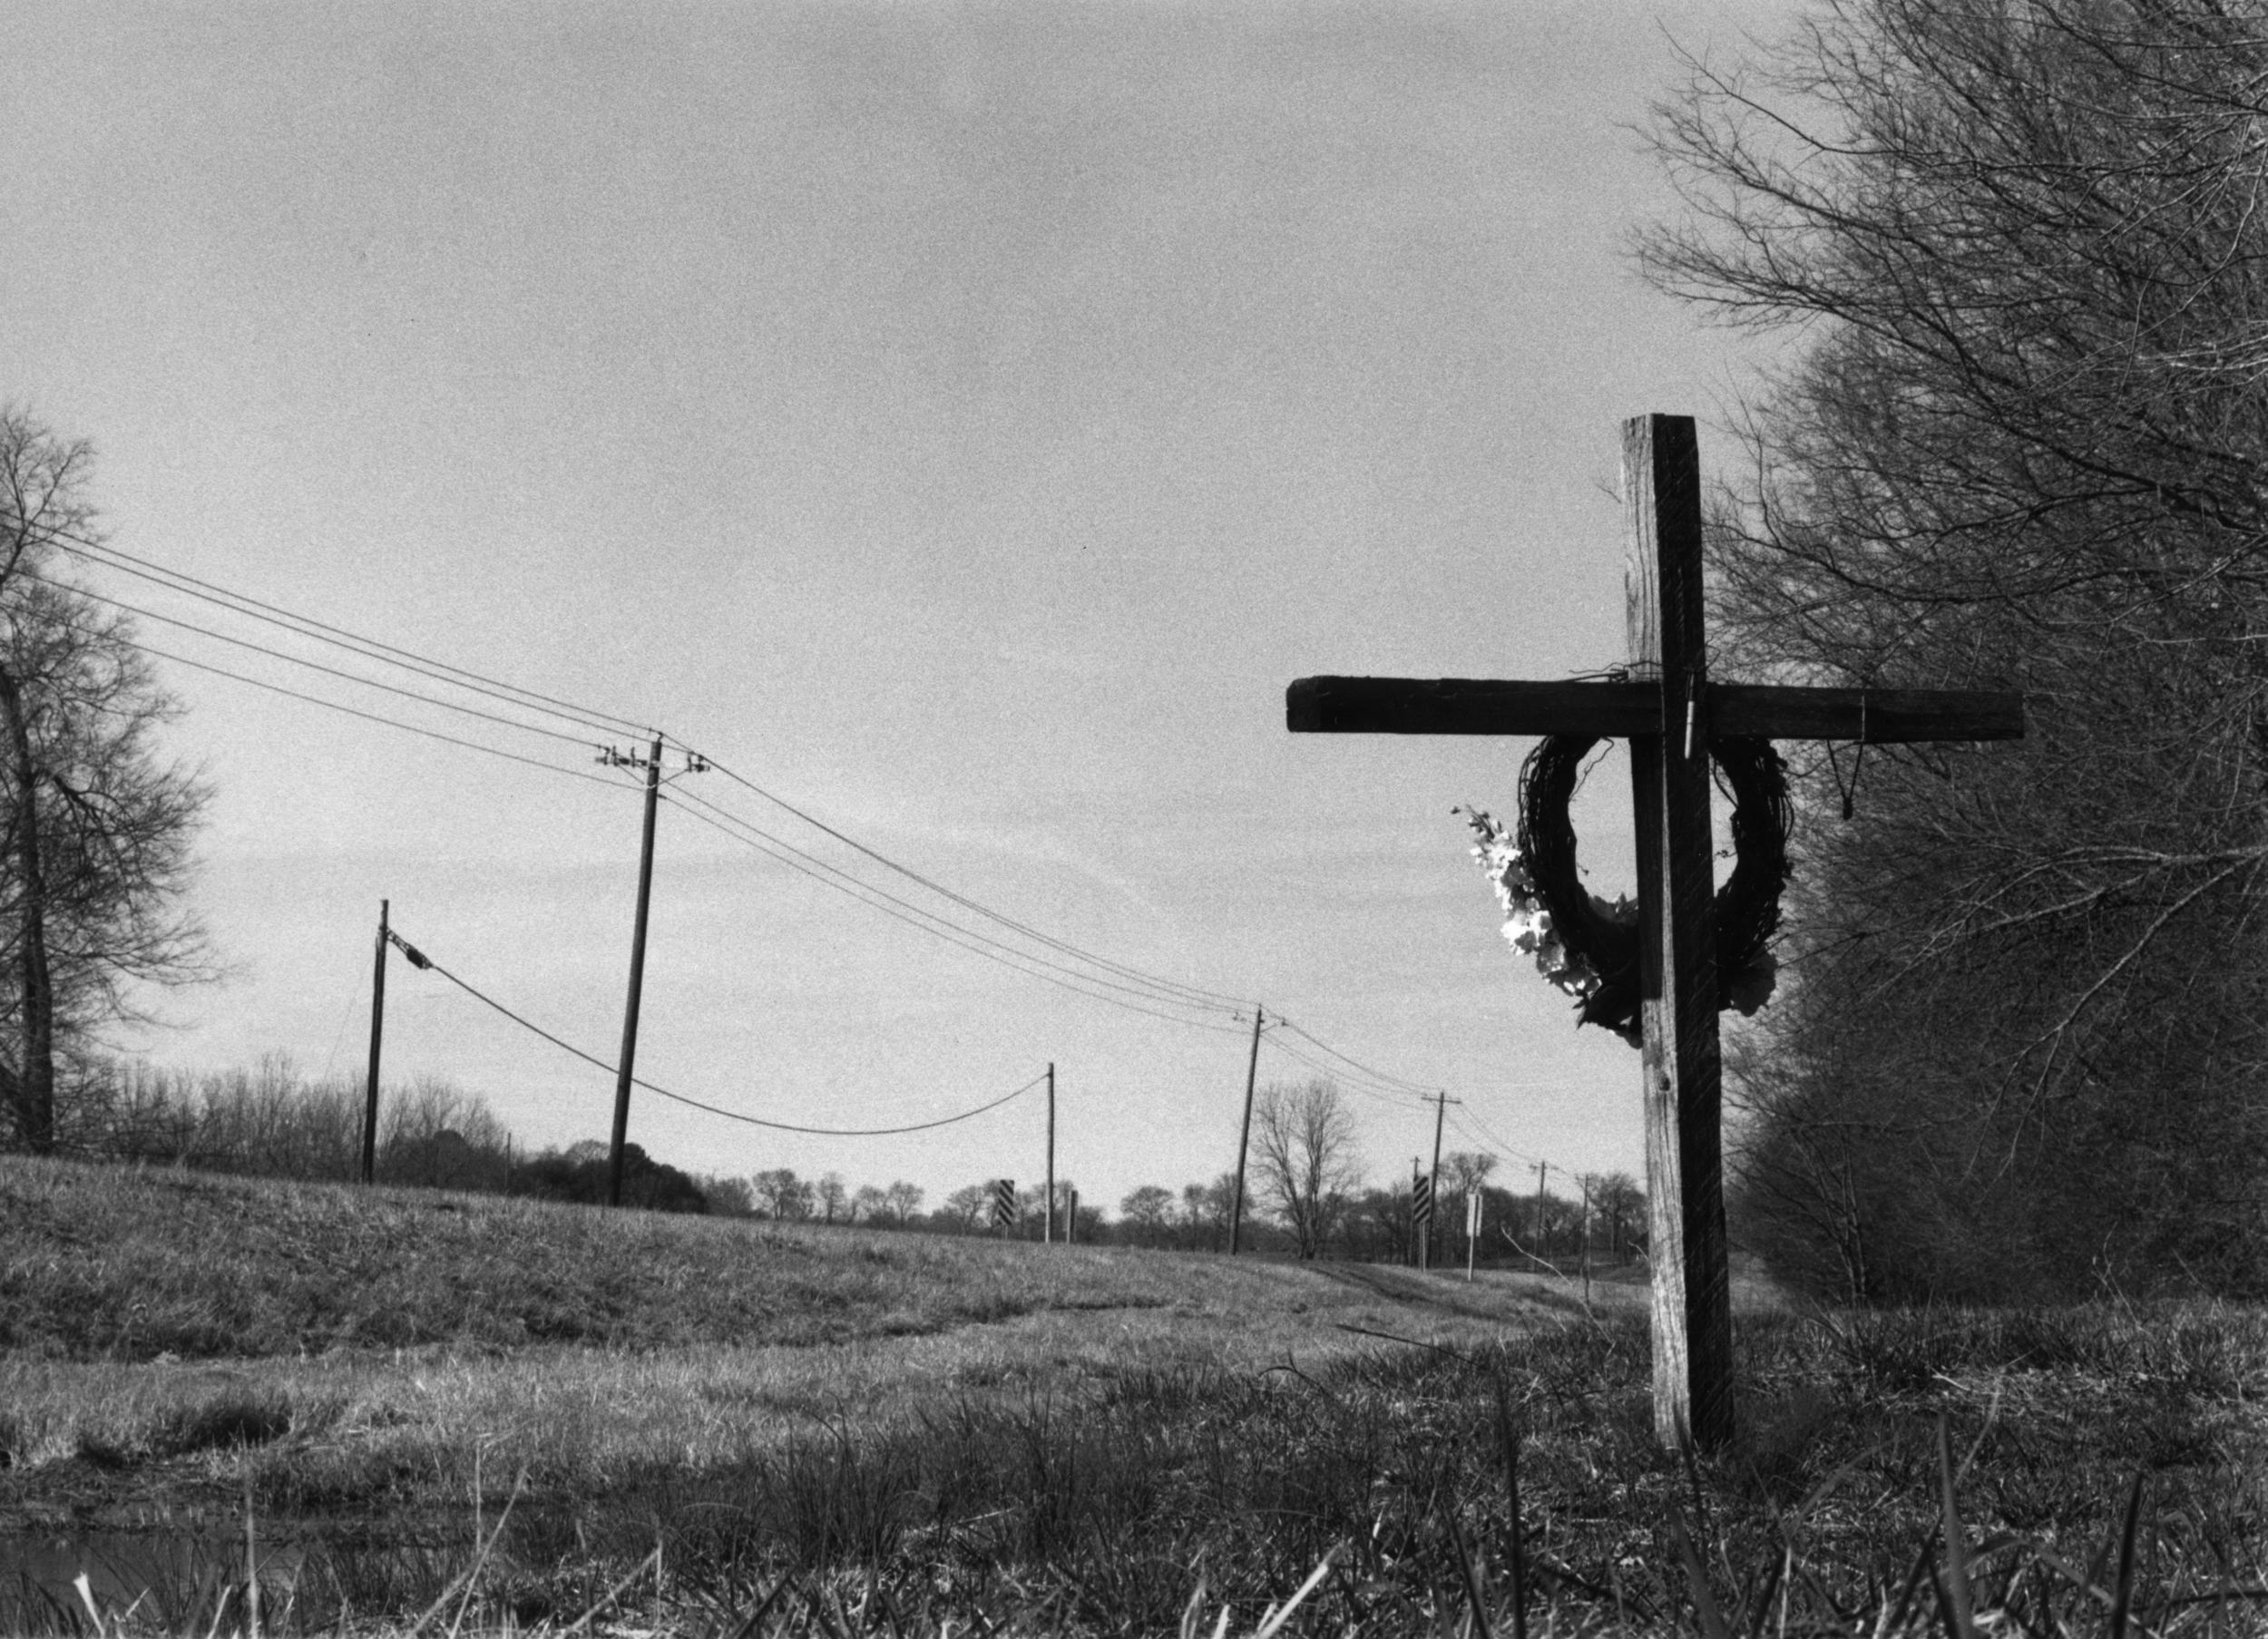 Love, Mom     Starkville, MS 35mm 400iso film